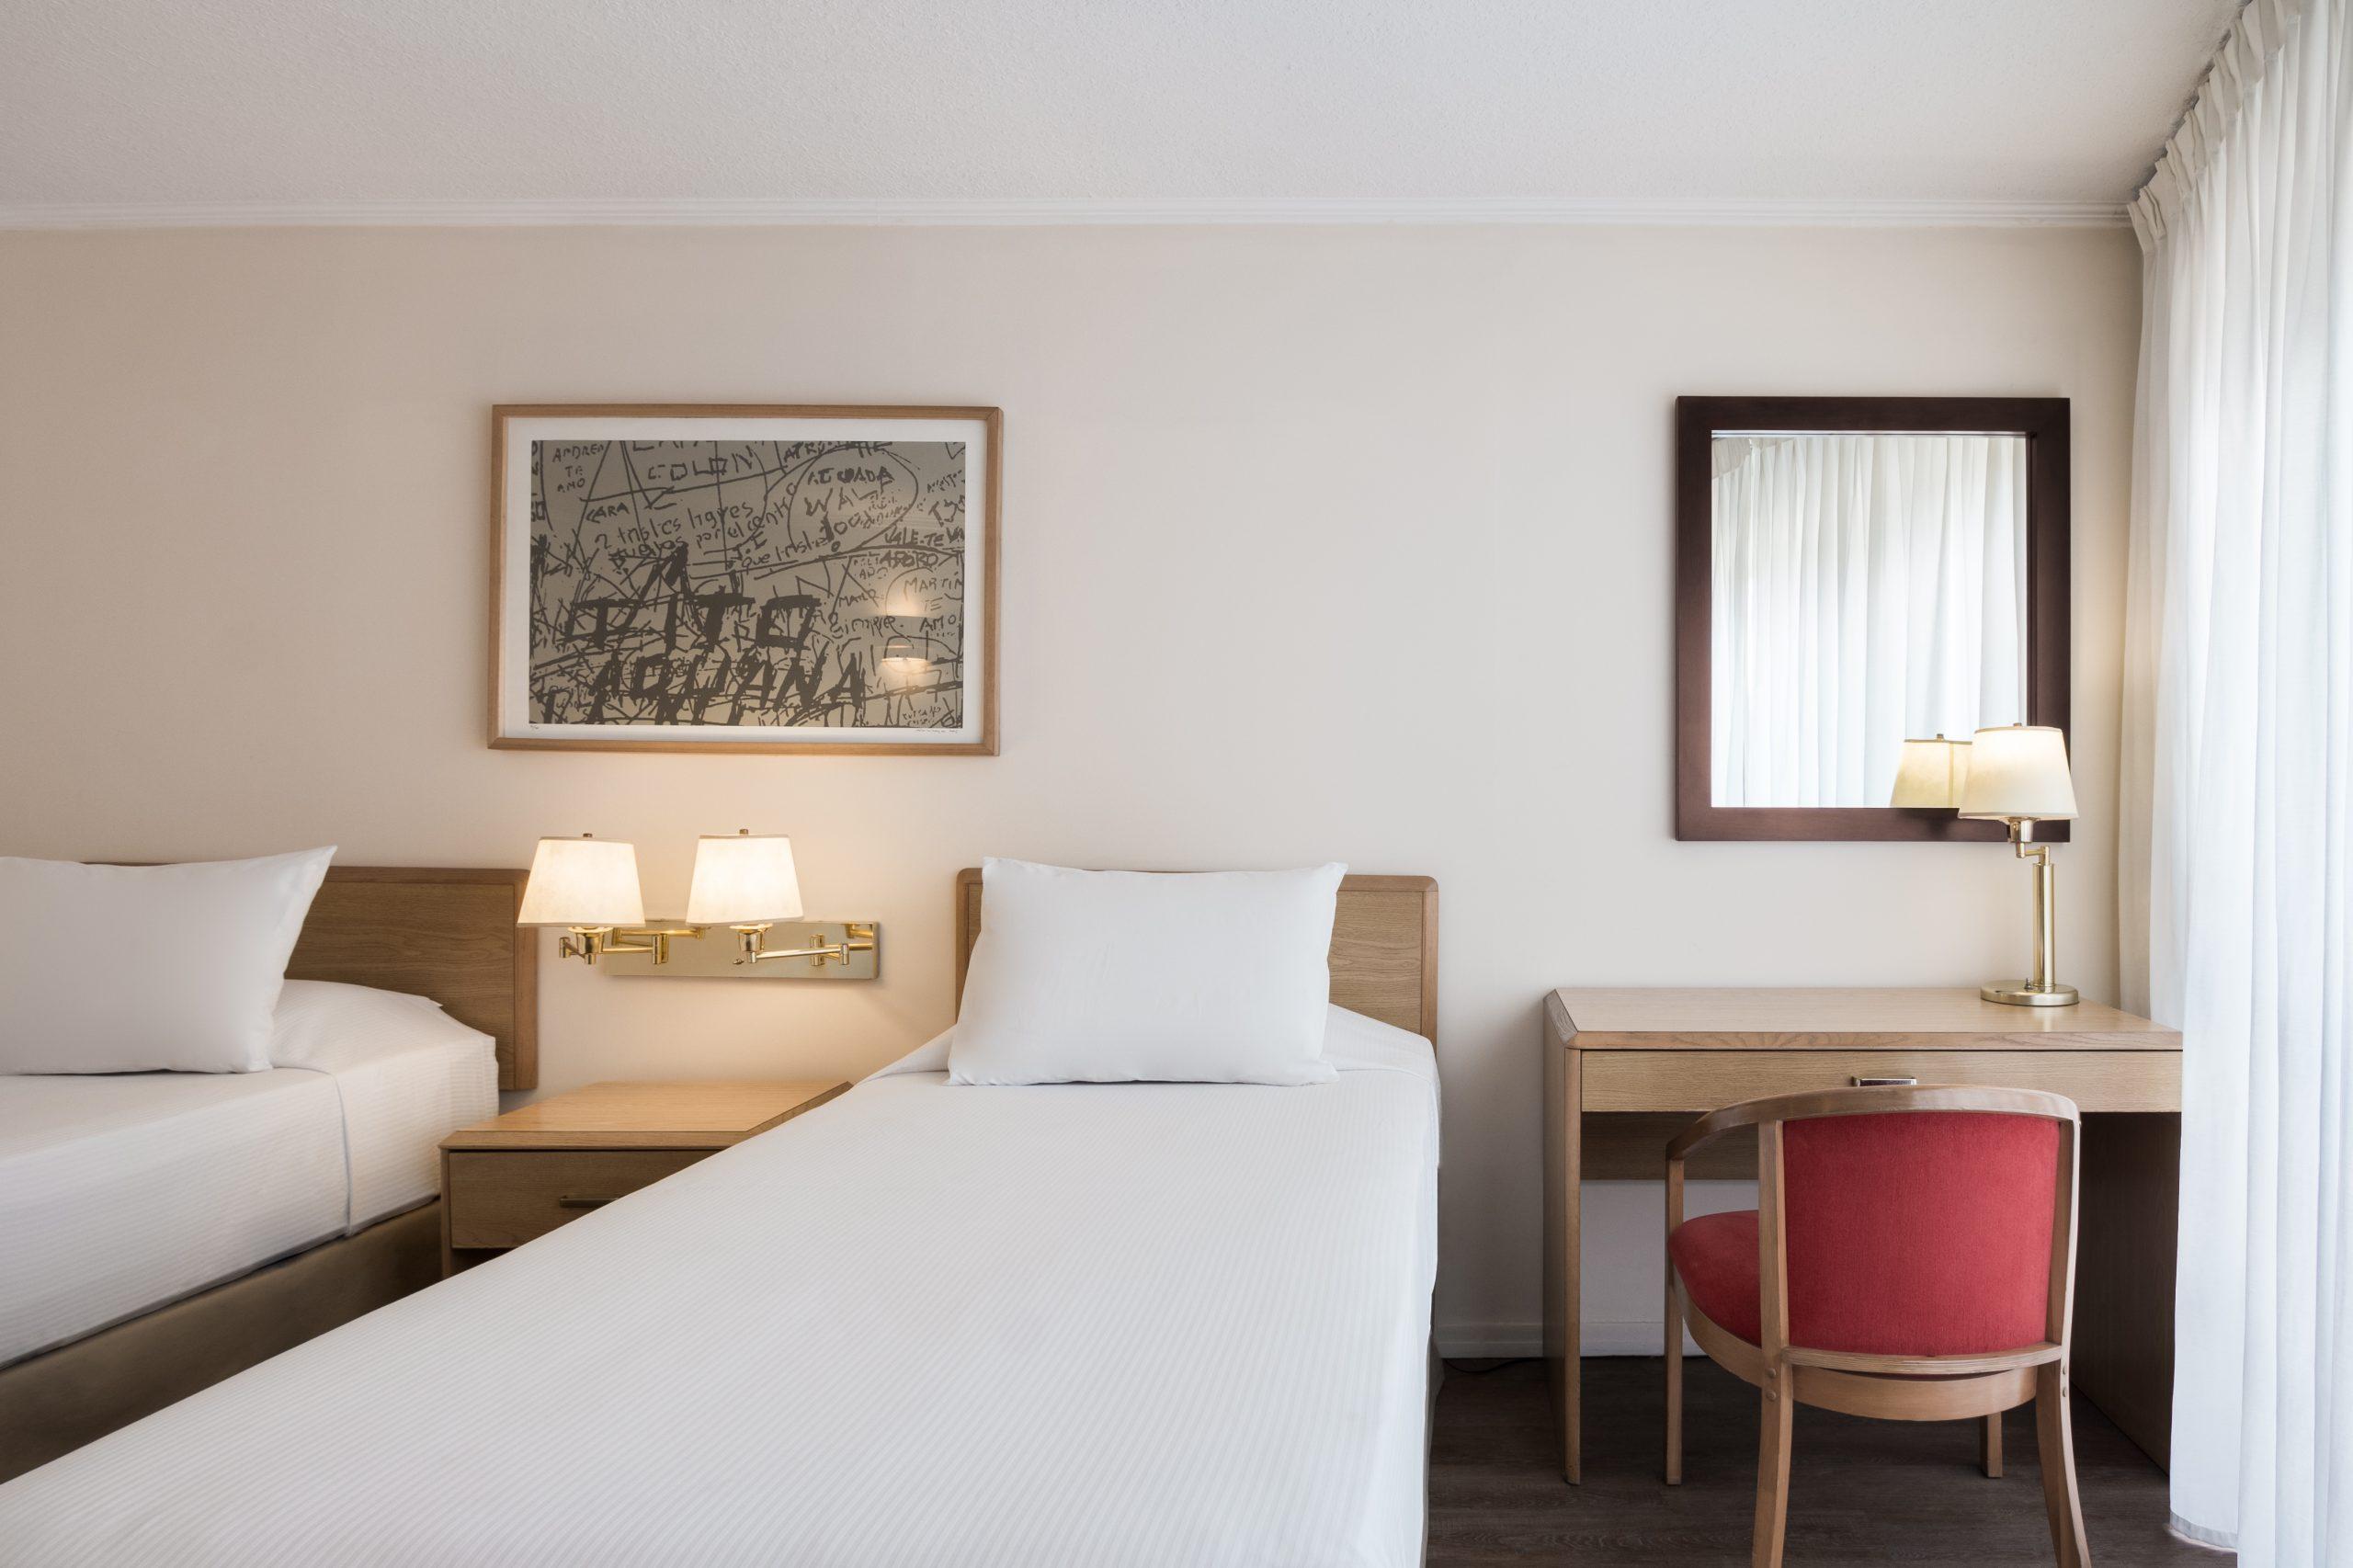 200 trabajadores de la salud se alojaron de forma gratuita en el hotel Days Inn Montevideo